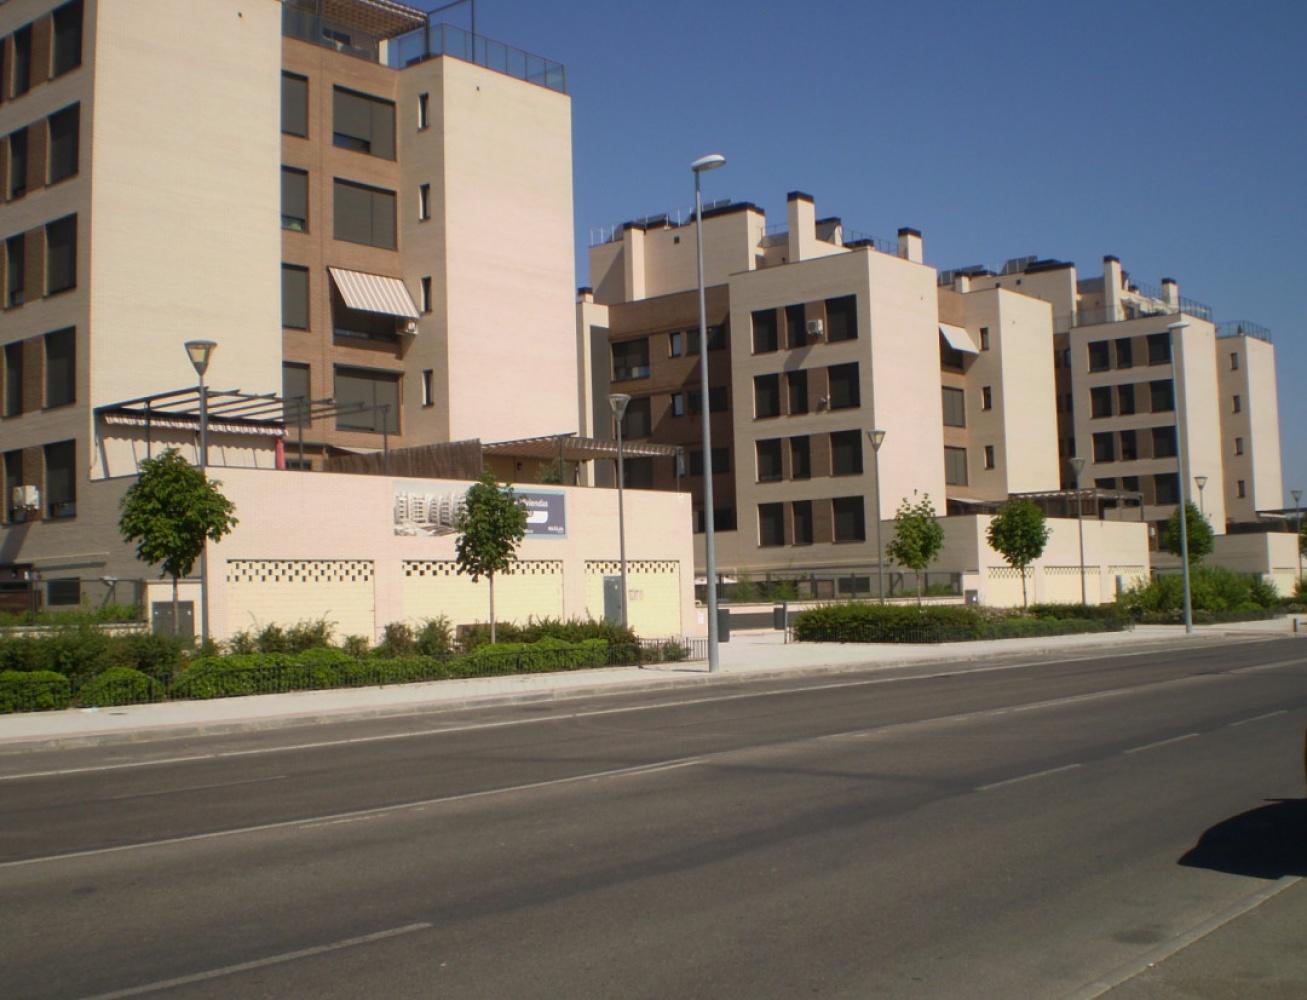 Jardin del vivero fase i vppl viviendas en venta e - Vivero madrid centro ...